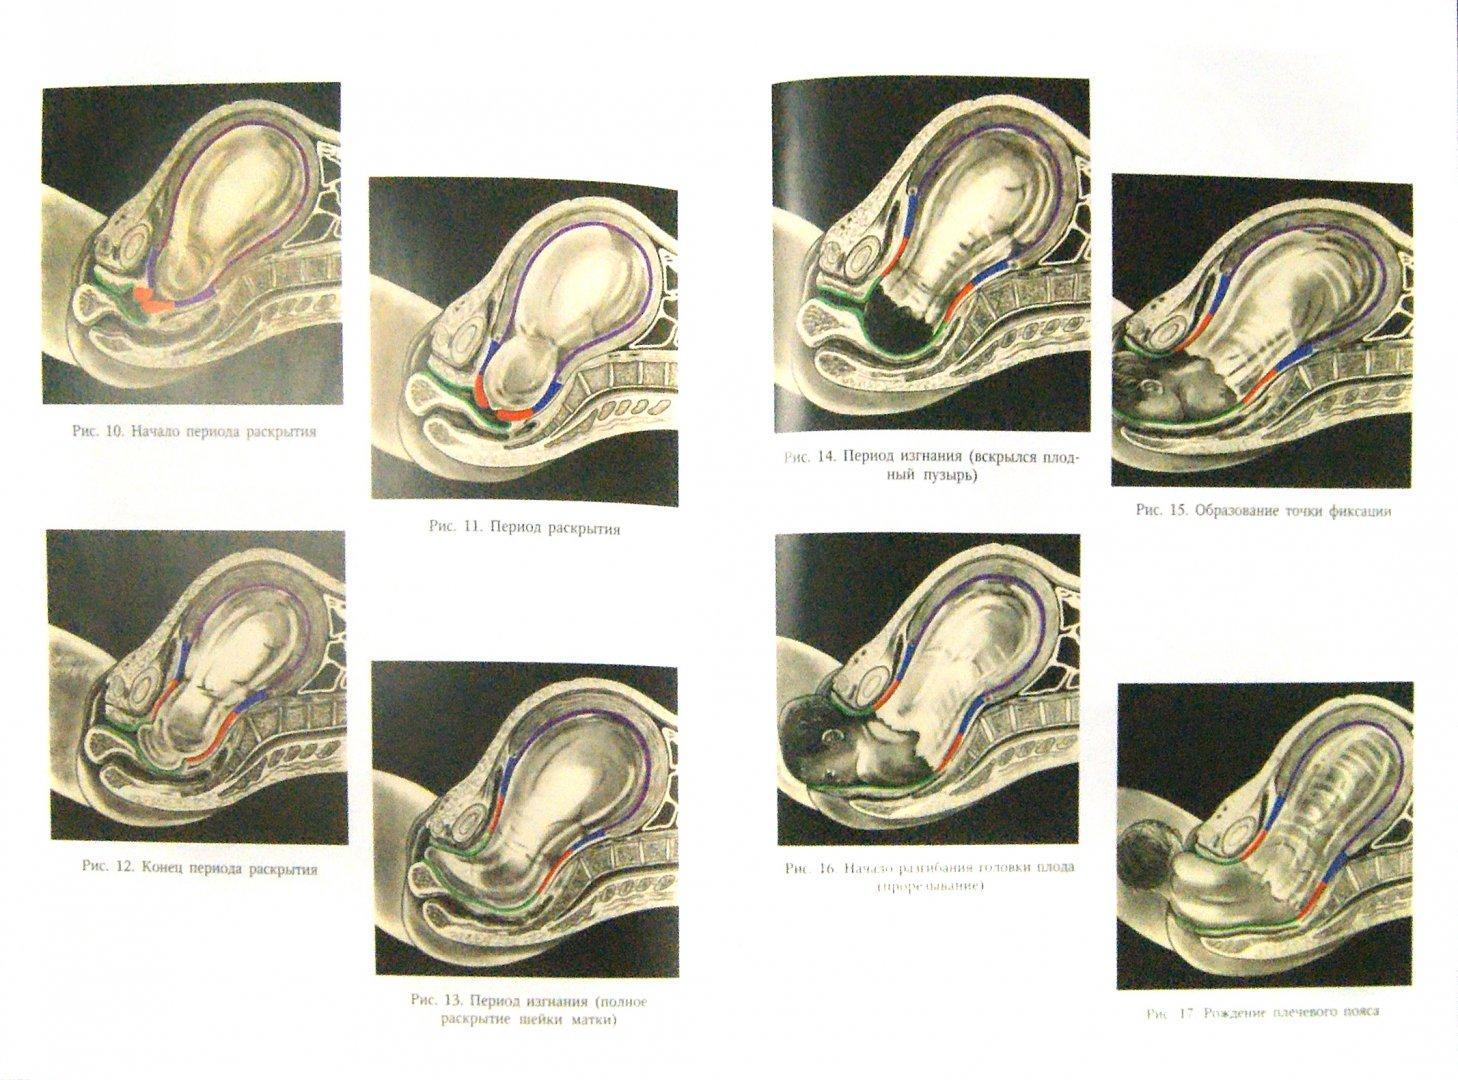 Иллюстрация 1 из 5 для Акушерство - Айламазян, Зайнулина, Новиков   Лабиринт - книги. Источник: Лабиринт